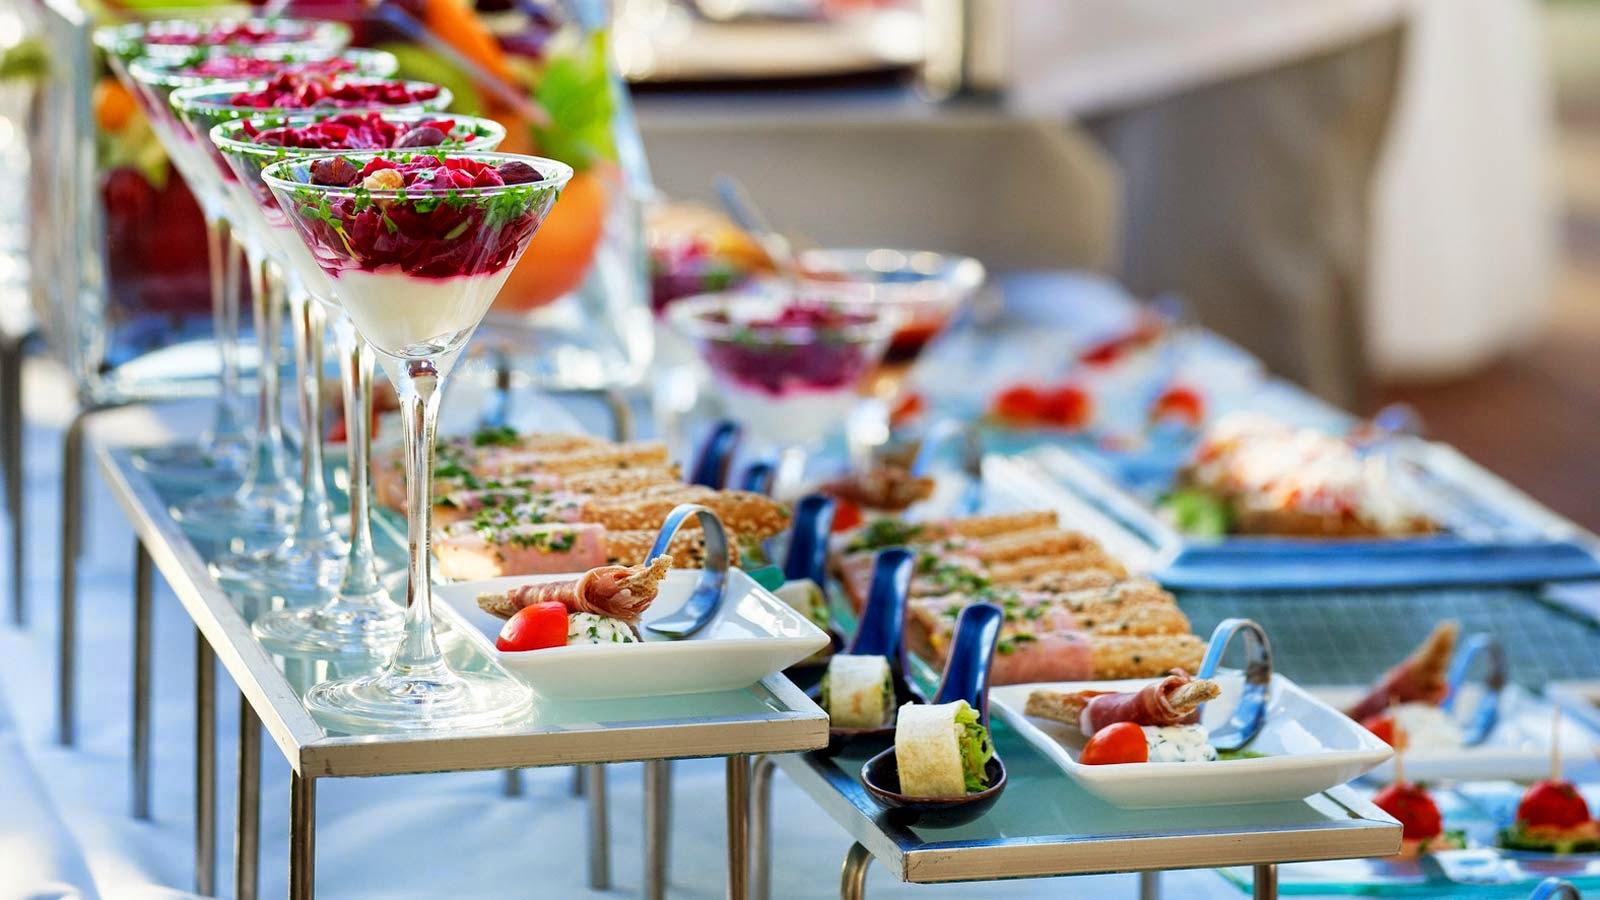 Вся правда об остатках еды со шведских столов: откровение турецкого повара